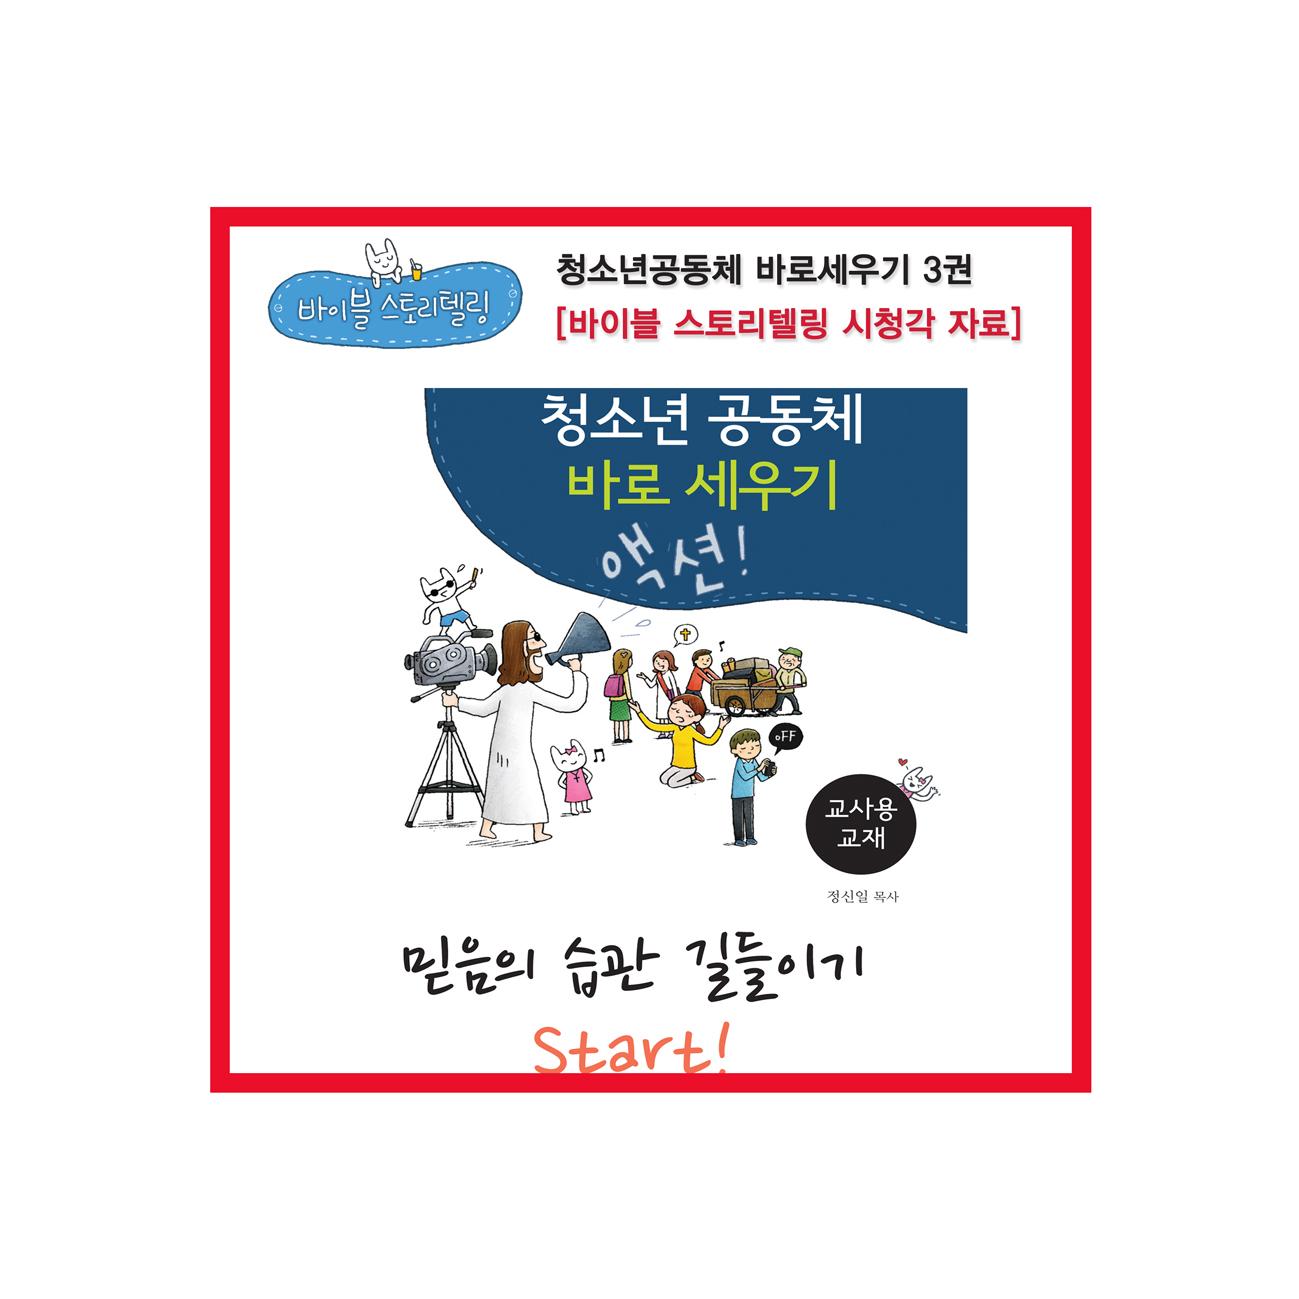 청소년 공동체 바로세우기 3권 스토리텔링자료3